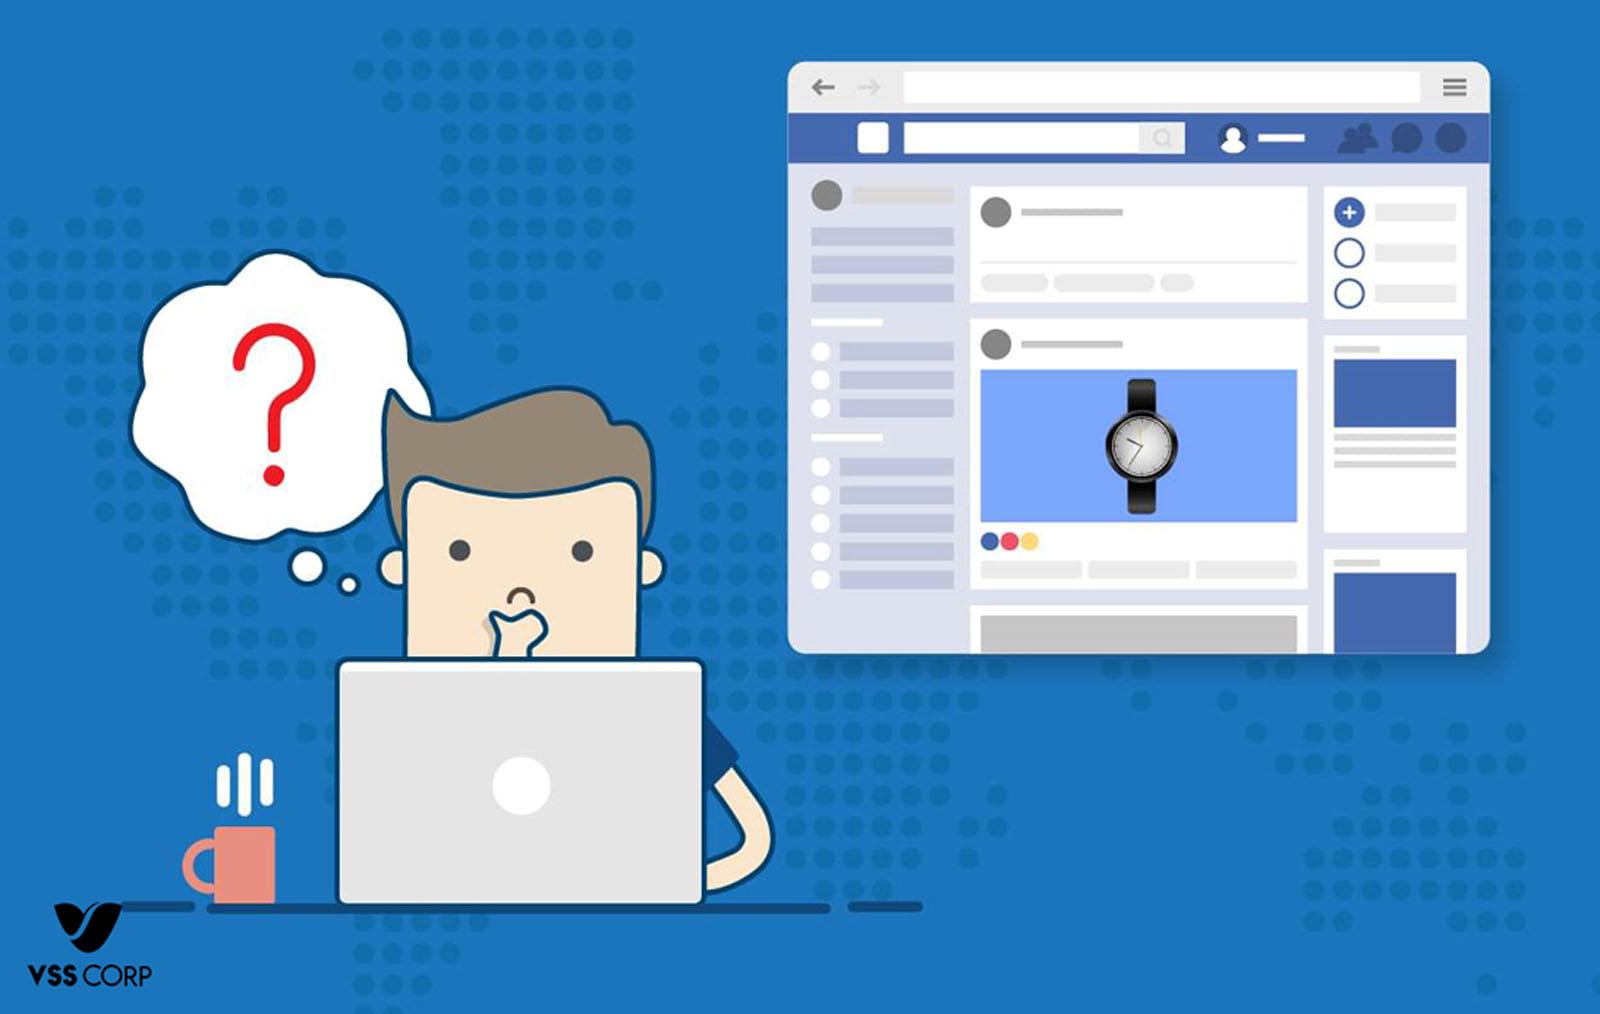 Nhược điểm của việc tự chạy quảng cáo facebook